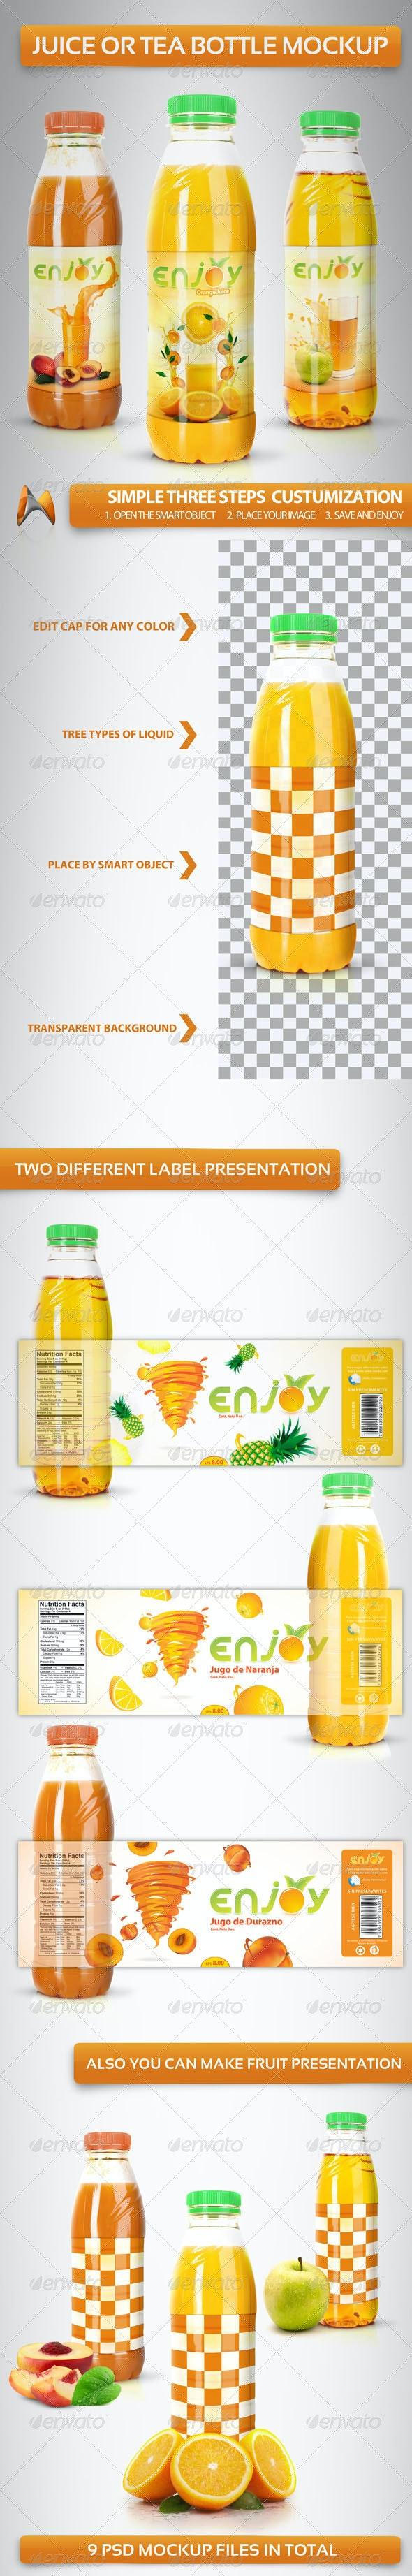 Juice or Tea Bottle Mockup - Food and Drink Packaging